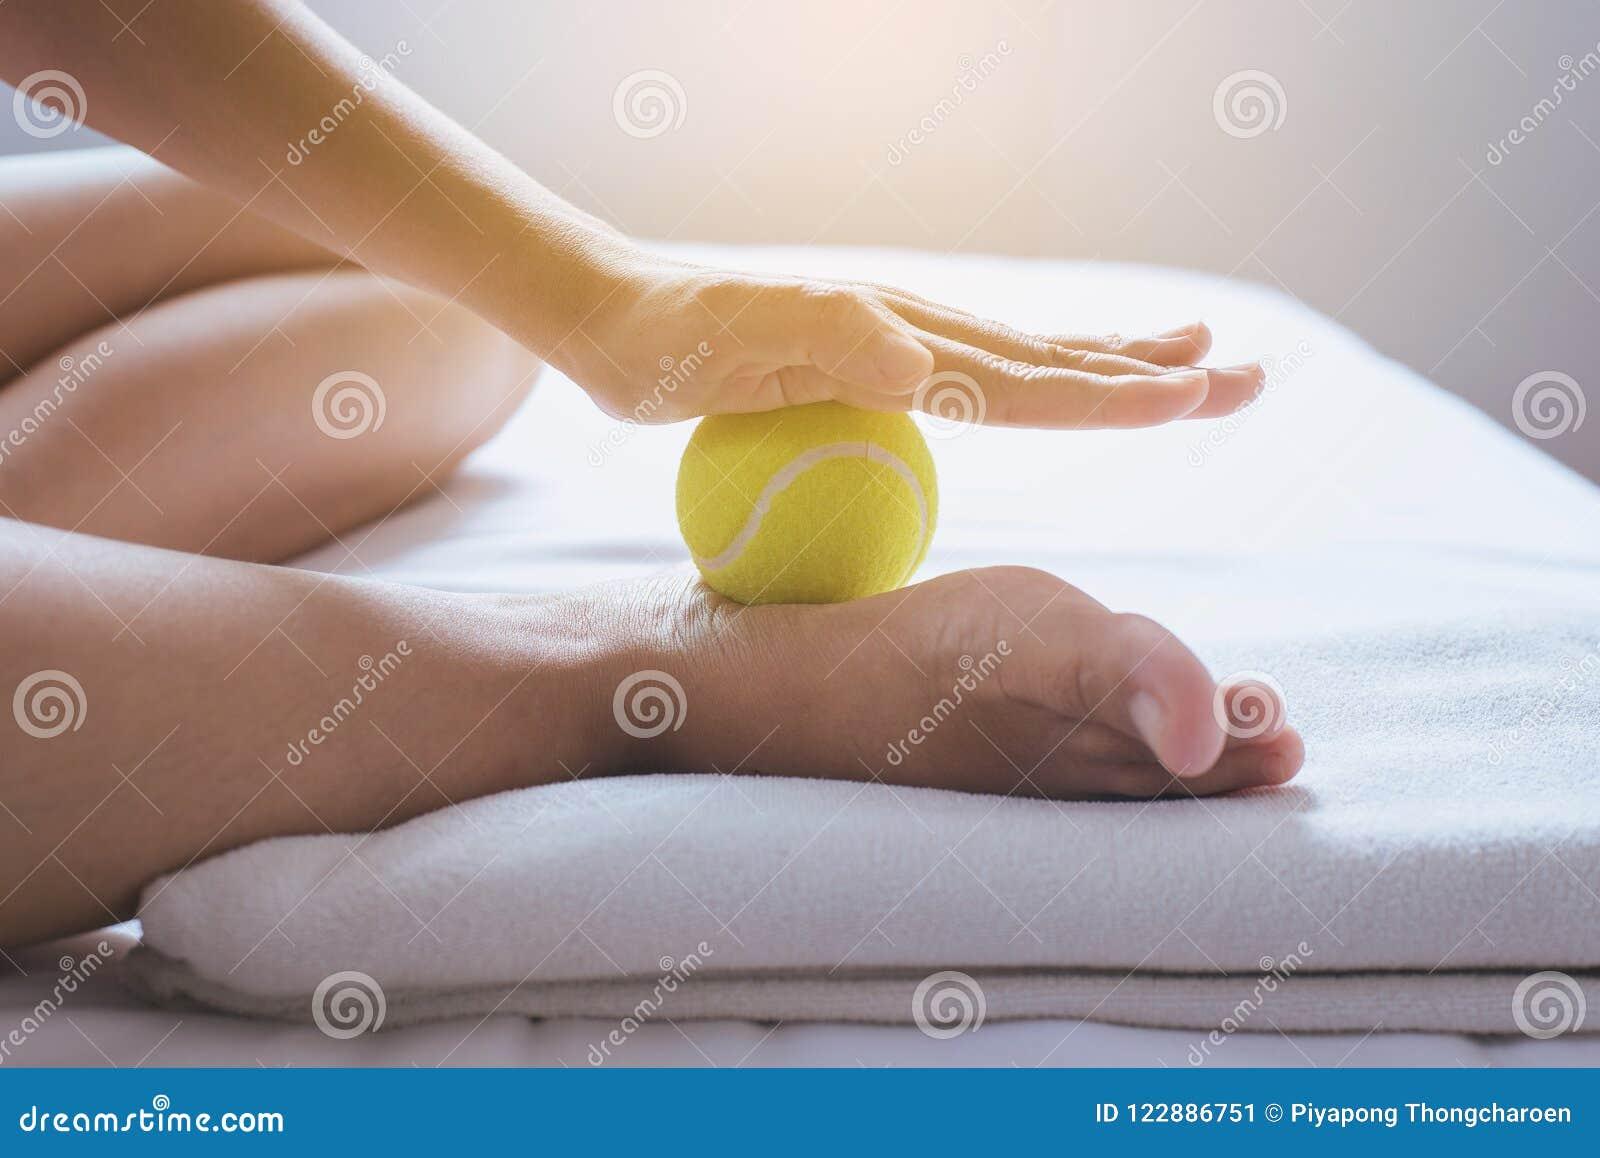 Los lenguados masaje, mano del pie de la mujer que le da masaje con la pelota de tenis se alzan en dormitorio